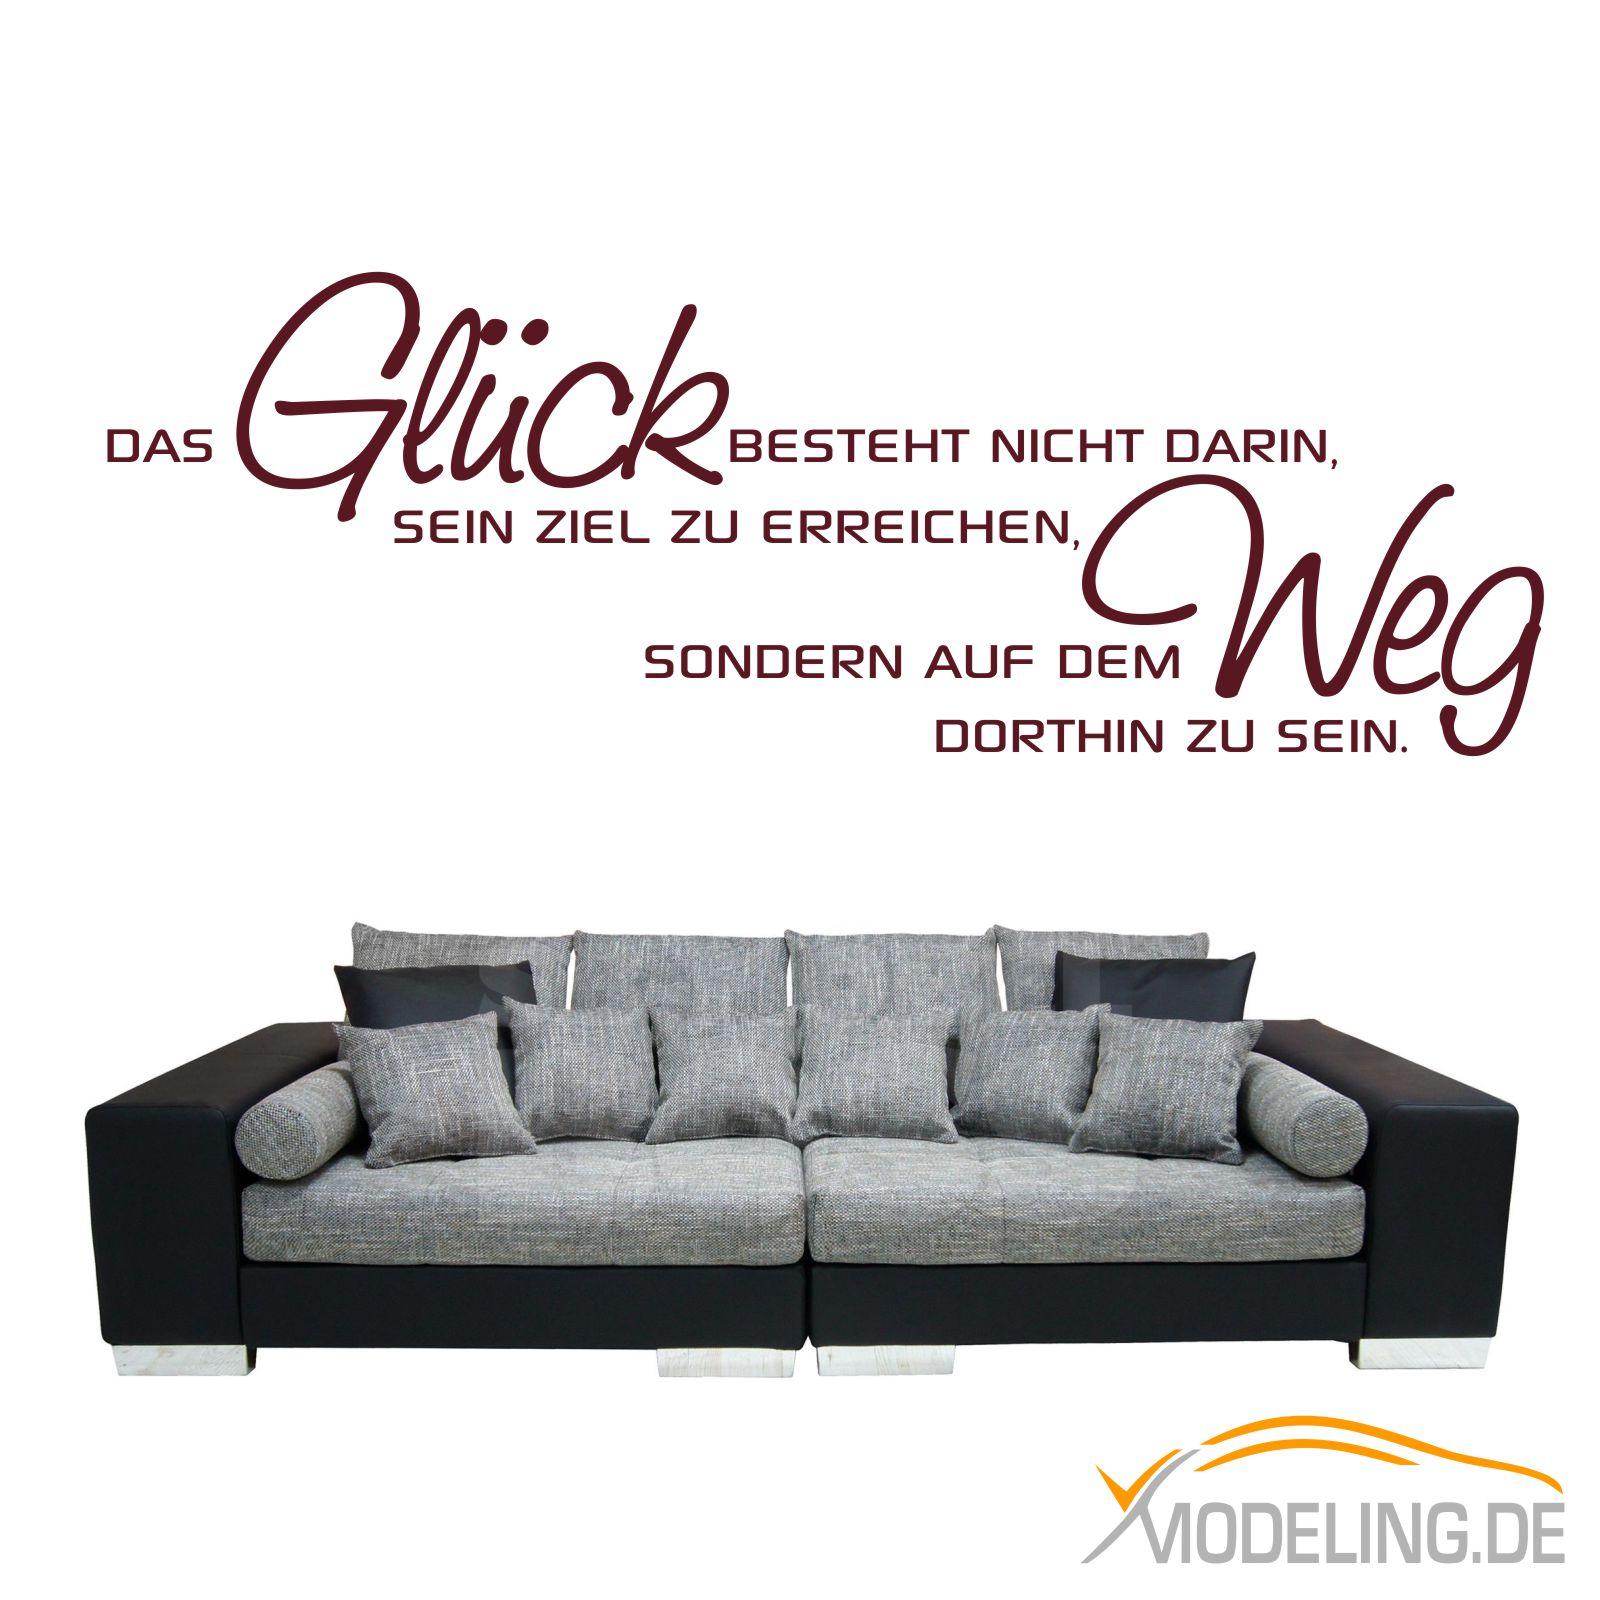 Unique Sprüche über Das Glück Ideas Of Wandtattoo-1360-glueck-weg-ziel-wohnzimmer-wandaufkleber-sprueche-